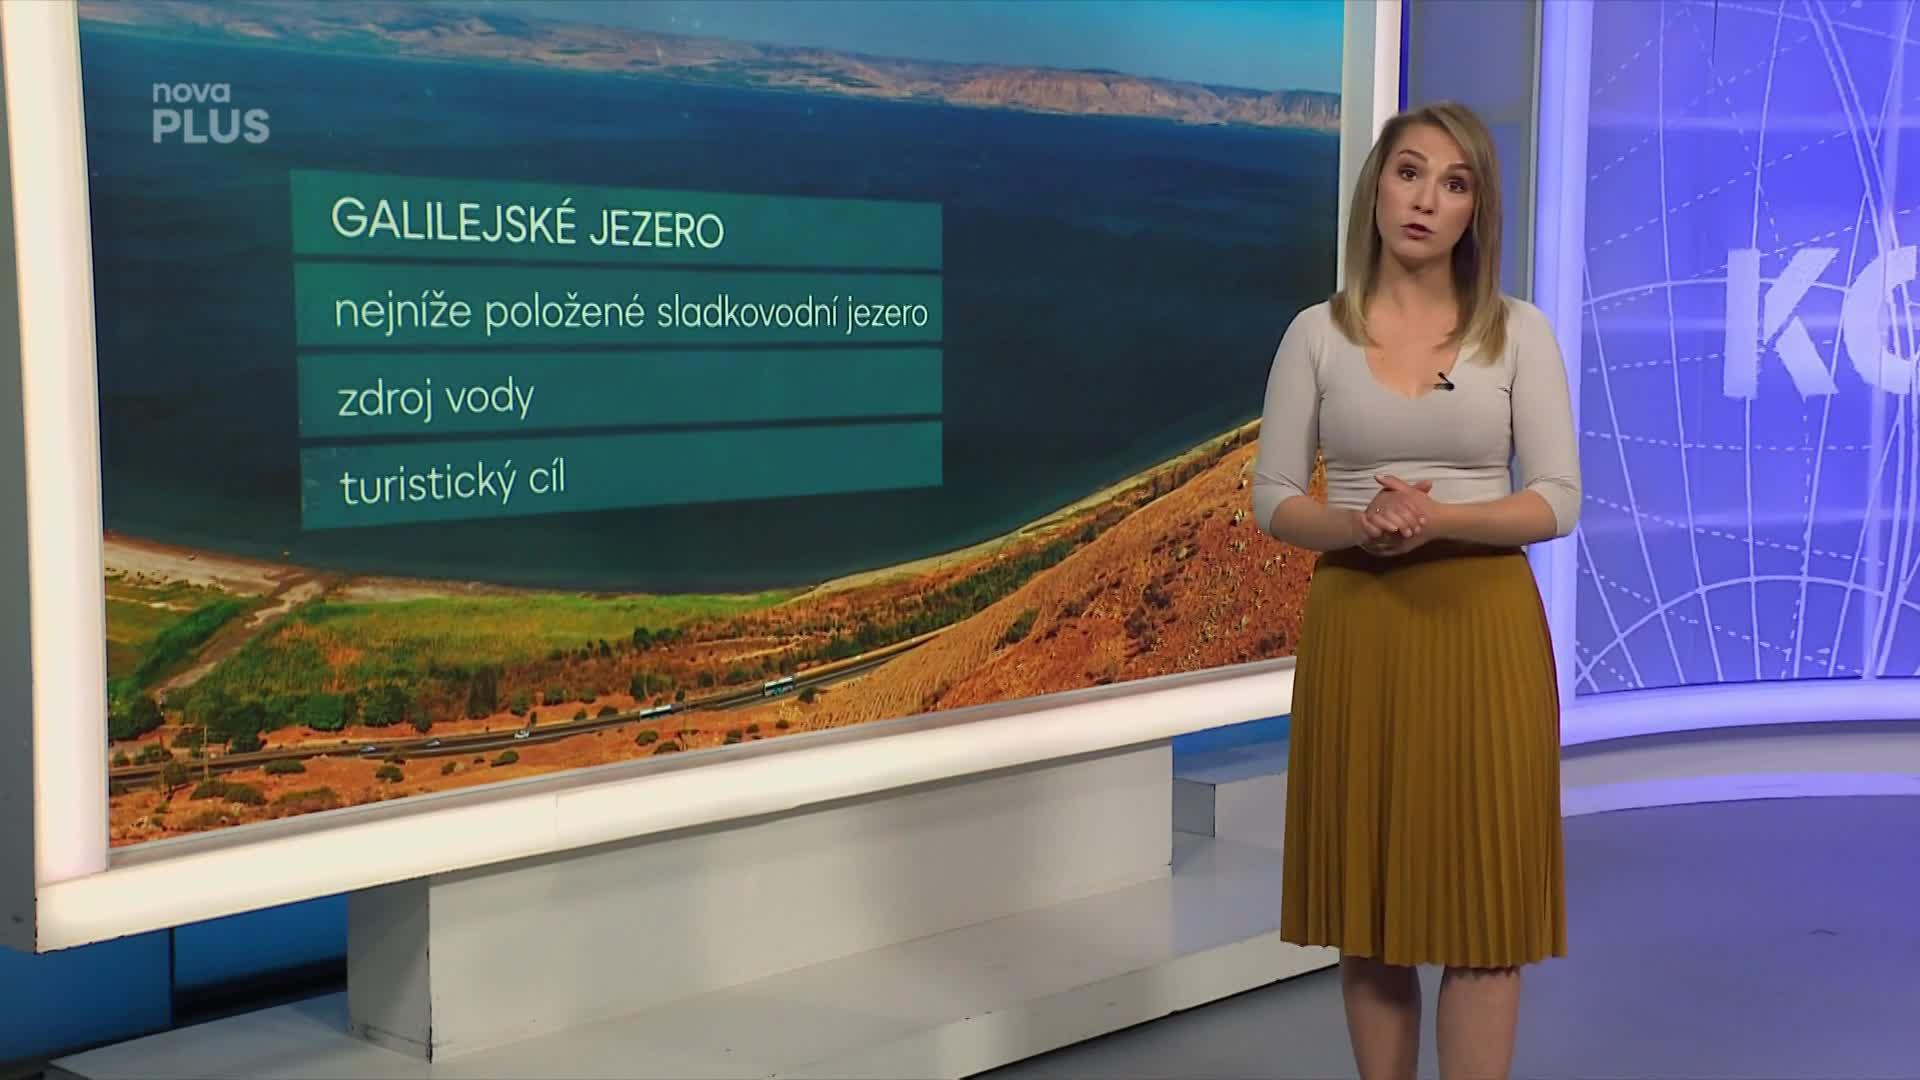 Galilejské jezero má po letech konečně dostatek vody. Blýská se na lepší časy?